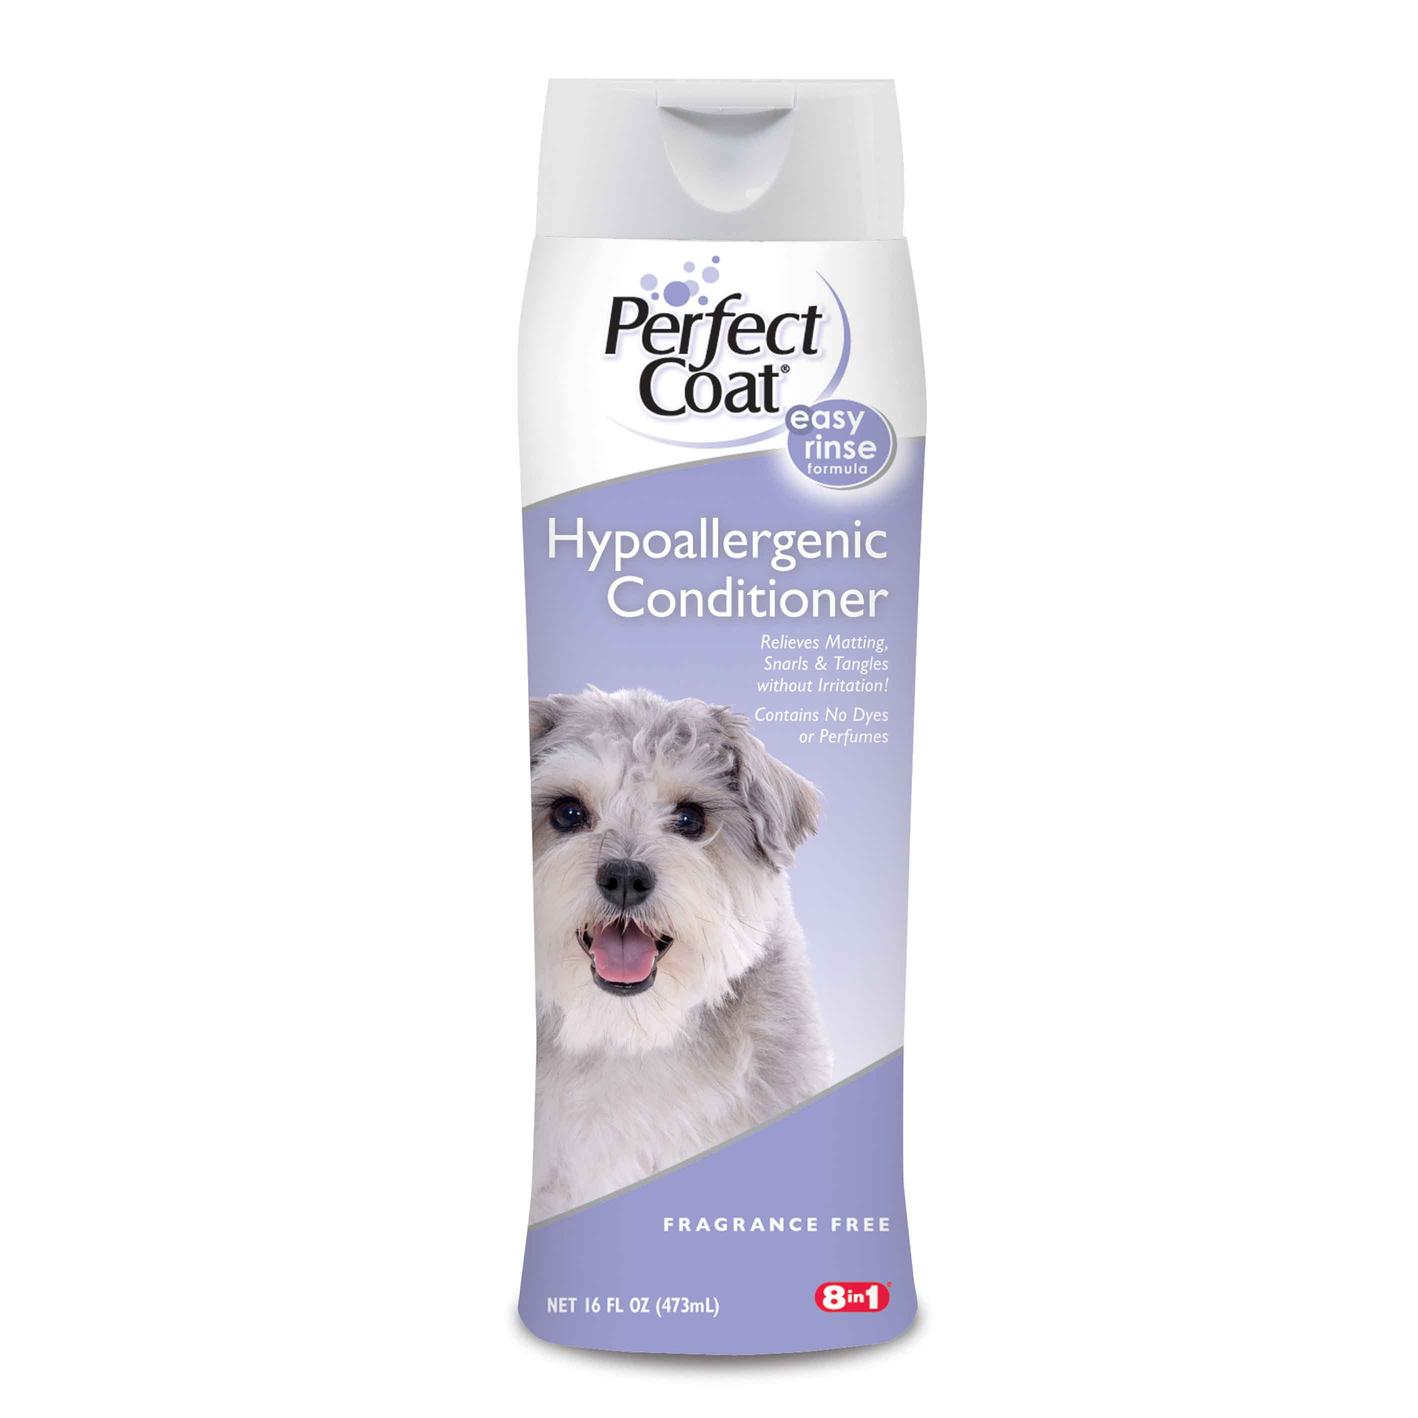 Кондиционер 8in1 Perfect Coat Hypo Condition Treat гипоаллергенный для шерсти собак 473 мл